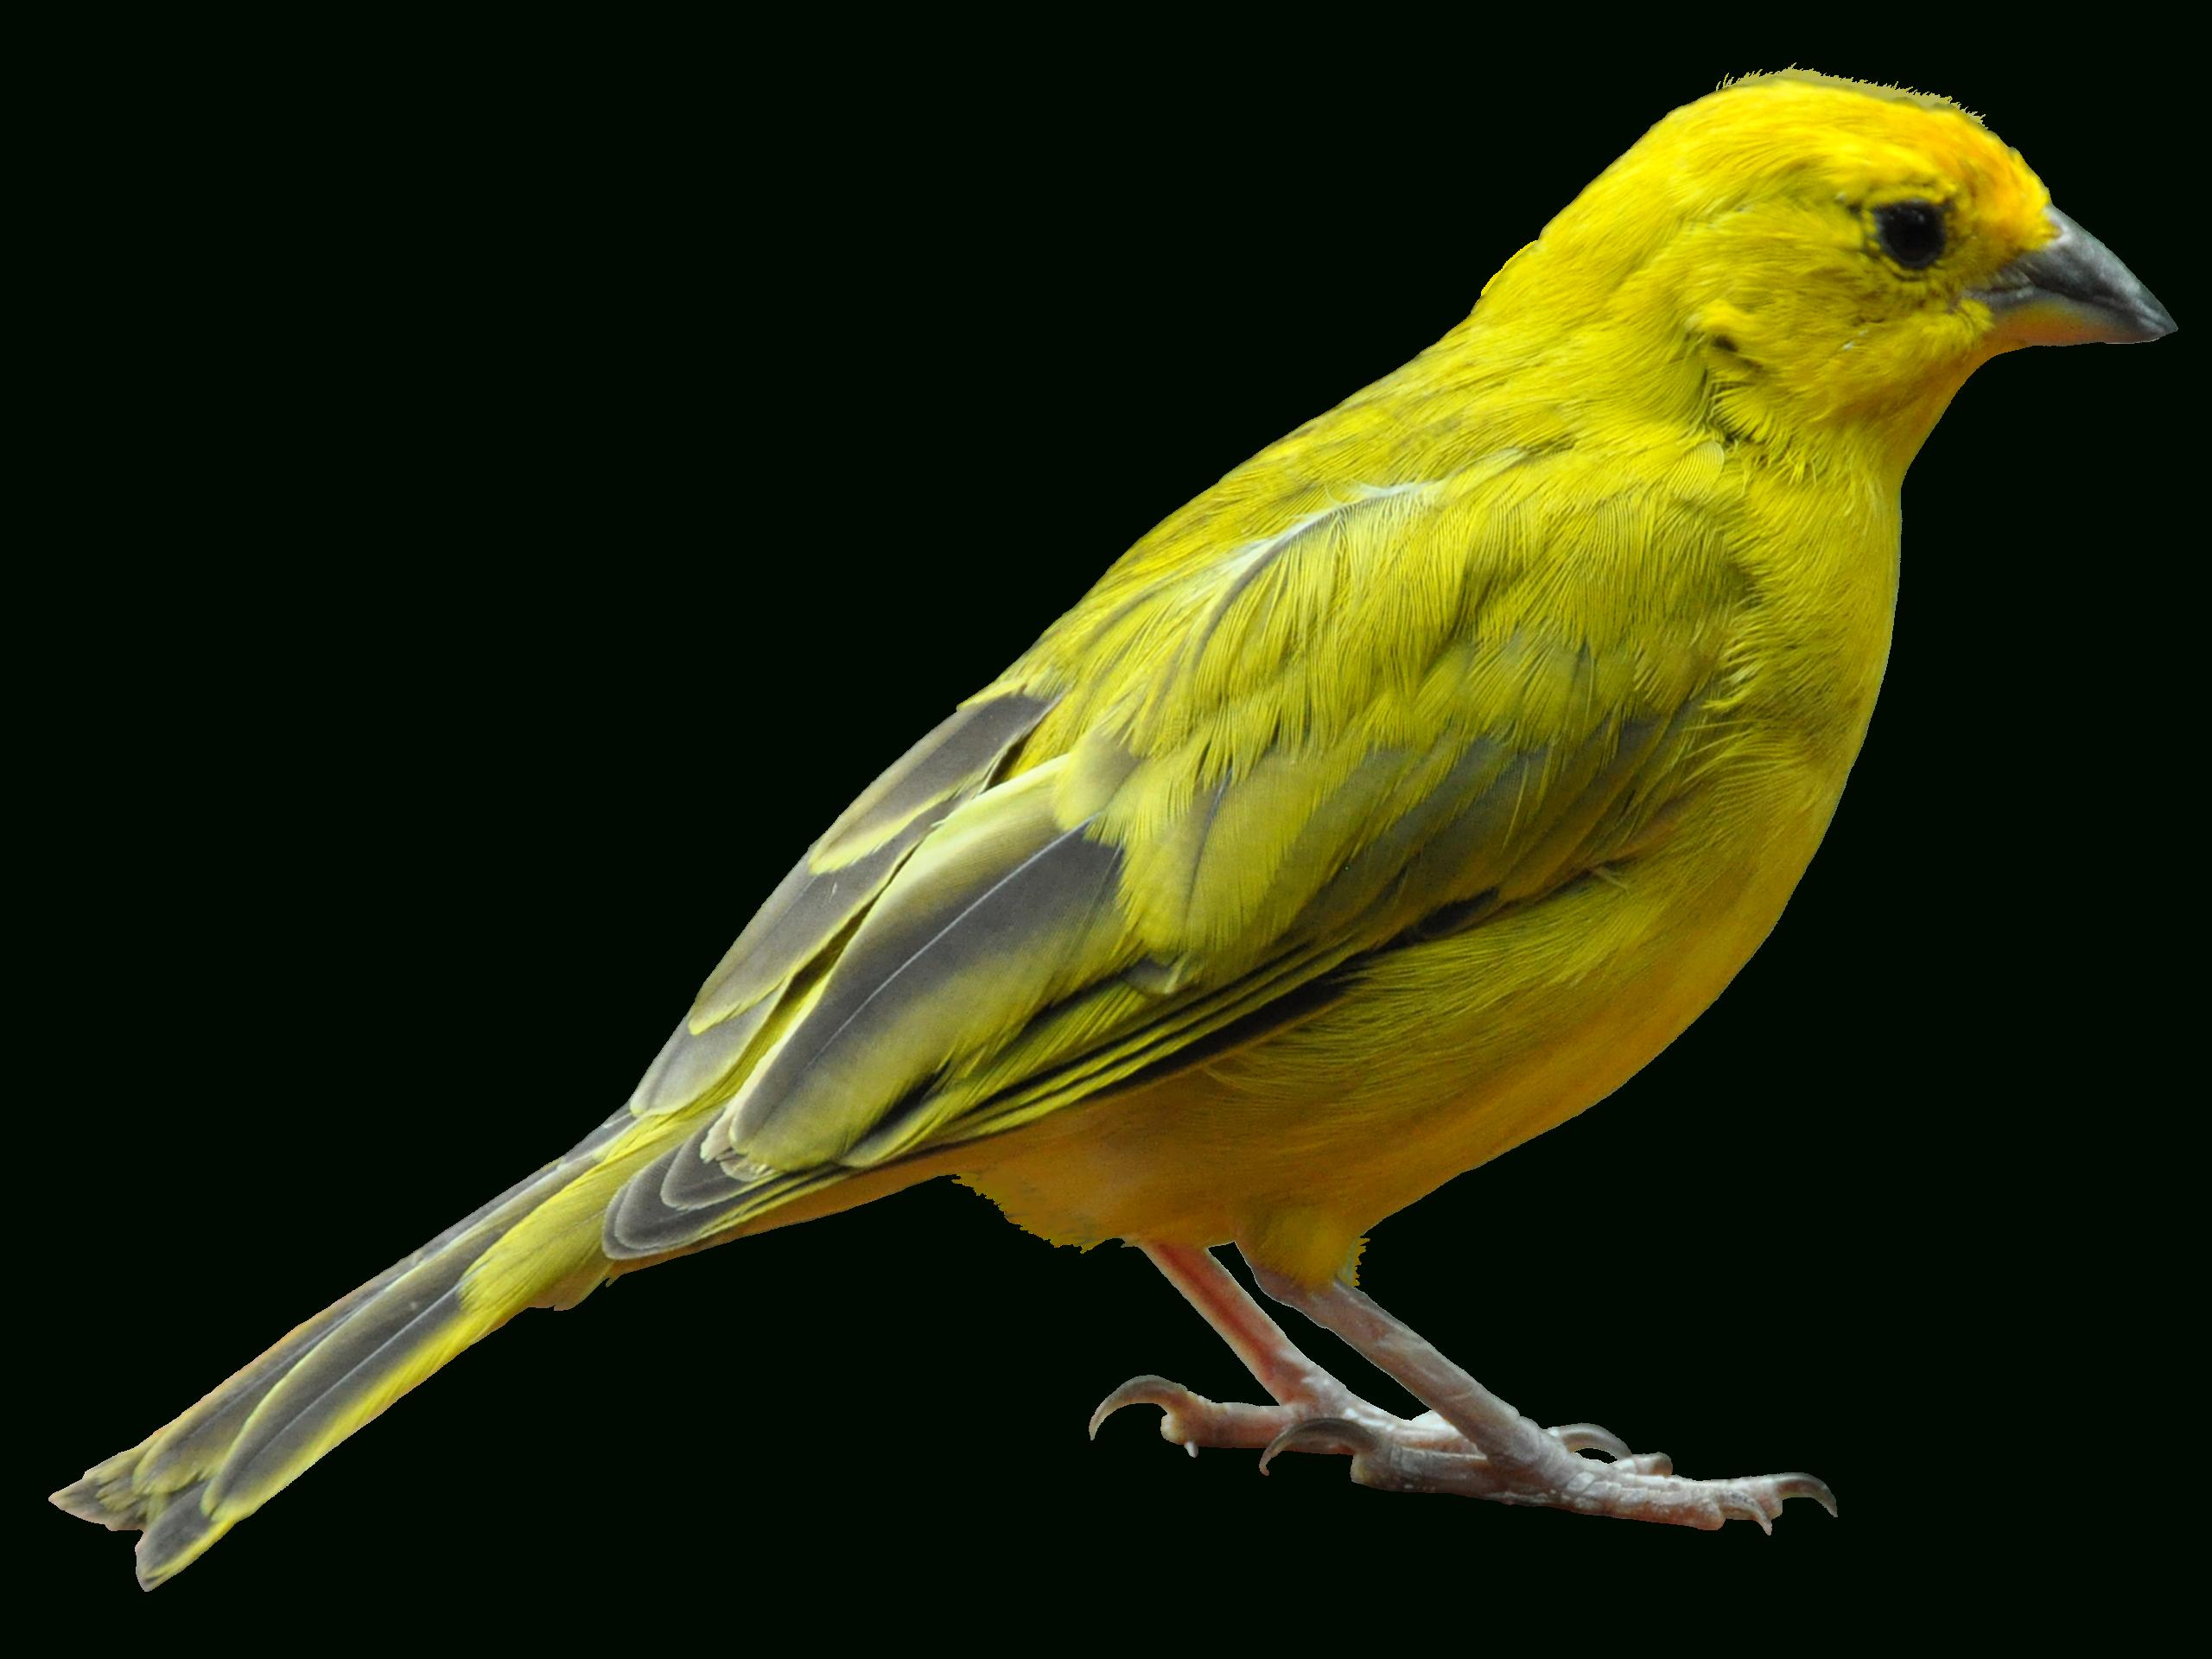 Oiseau Transparentes Gratuit Png | Png Play tout Images D Oiseaux Gratuites